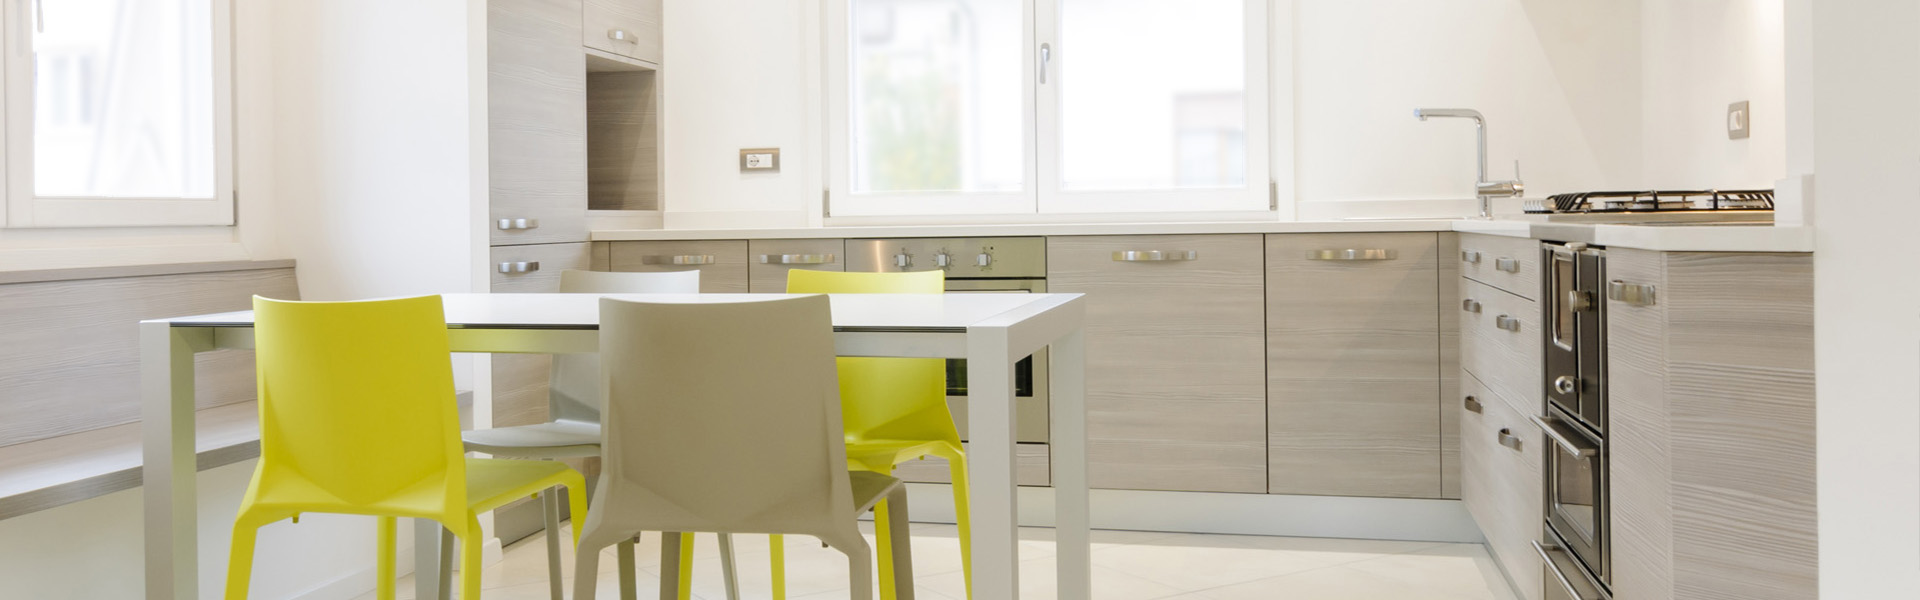 Jarso Cocinas Mobiliario Y Complementos Dise O Planificacion Y  # Muebles Oiartzun Mamut